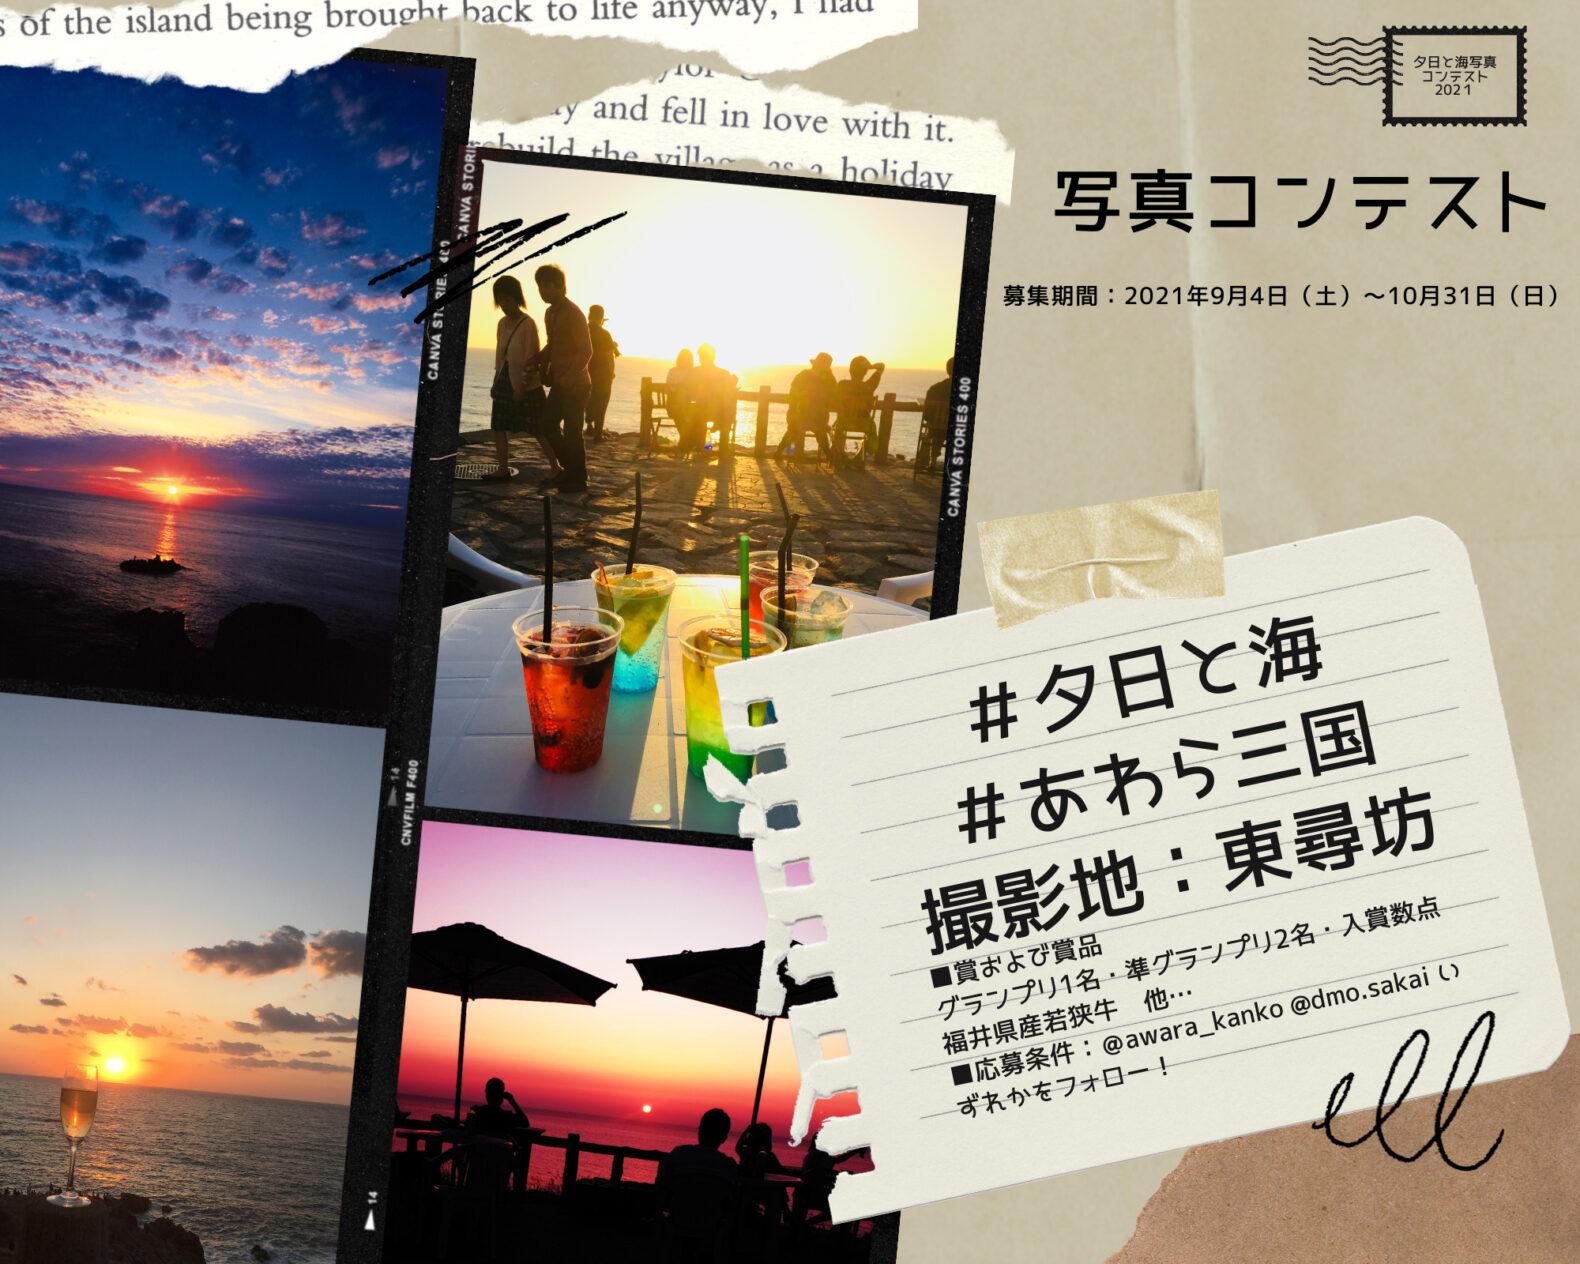 「夕日と海」写真募集(コンテスト開催)